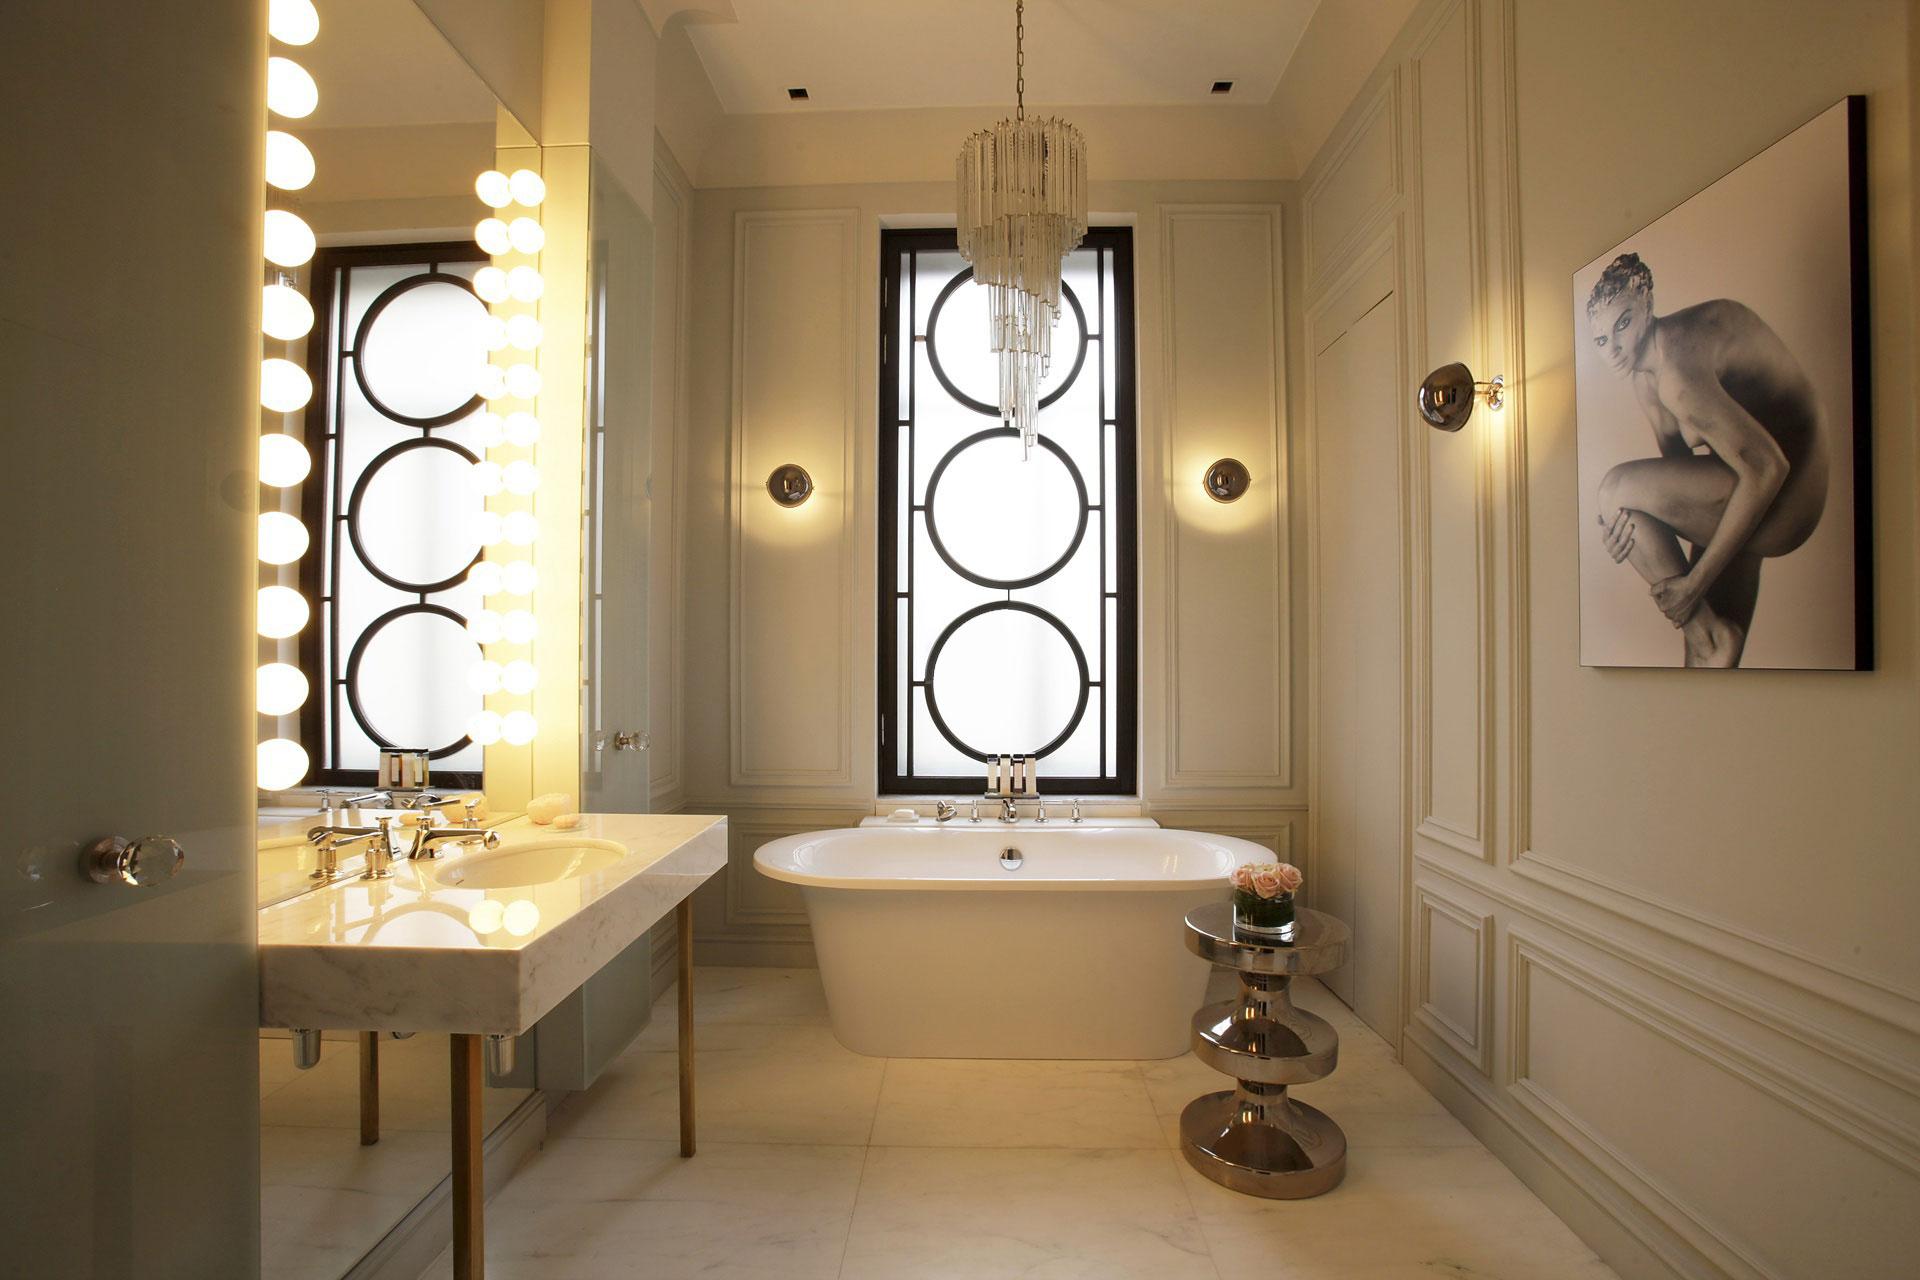 Мягкое вечернее освещение в ванной комнате